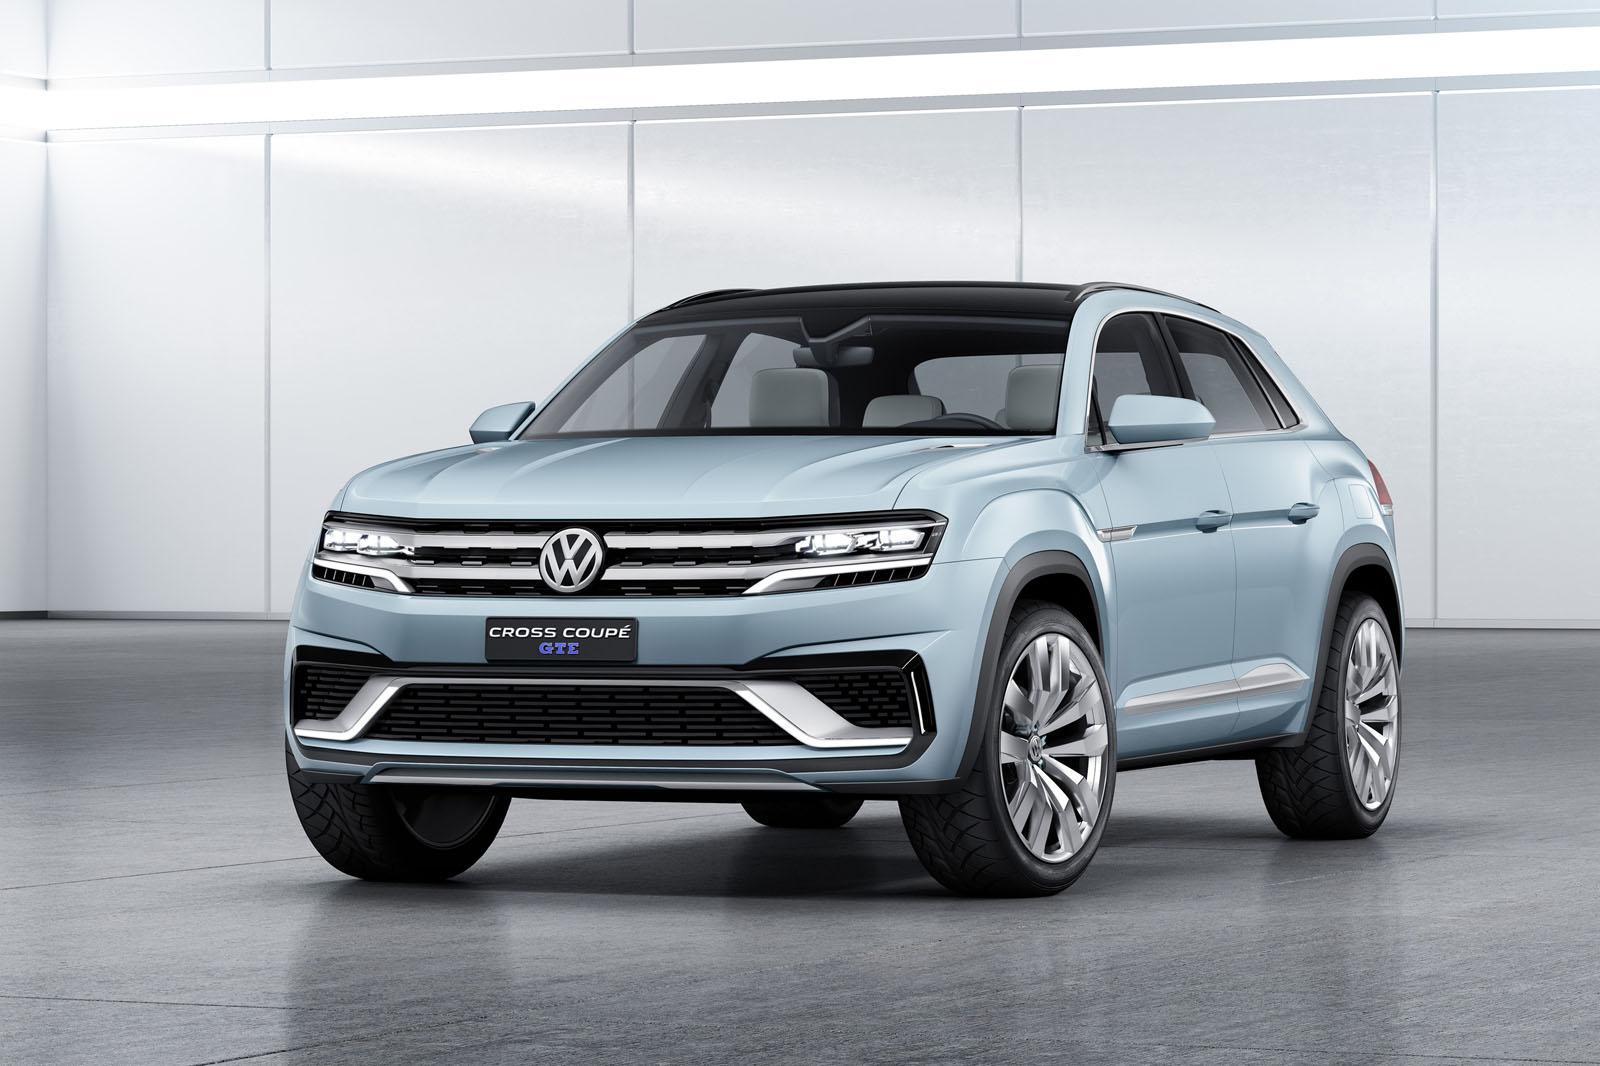 Volkswagen polo 2016 гв - 7d8